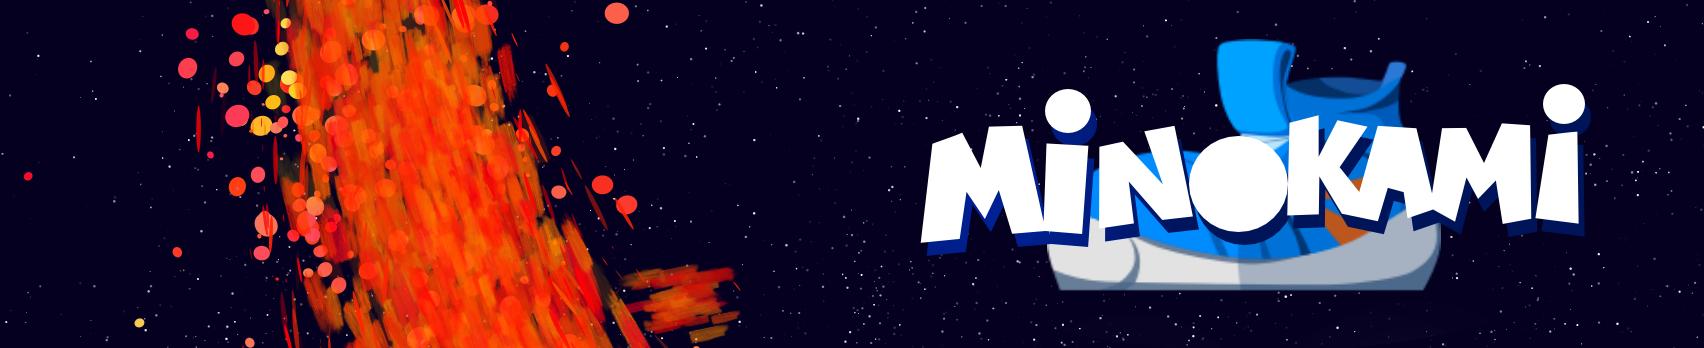 Minokami (Ludum Dare 42 Game Jam)